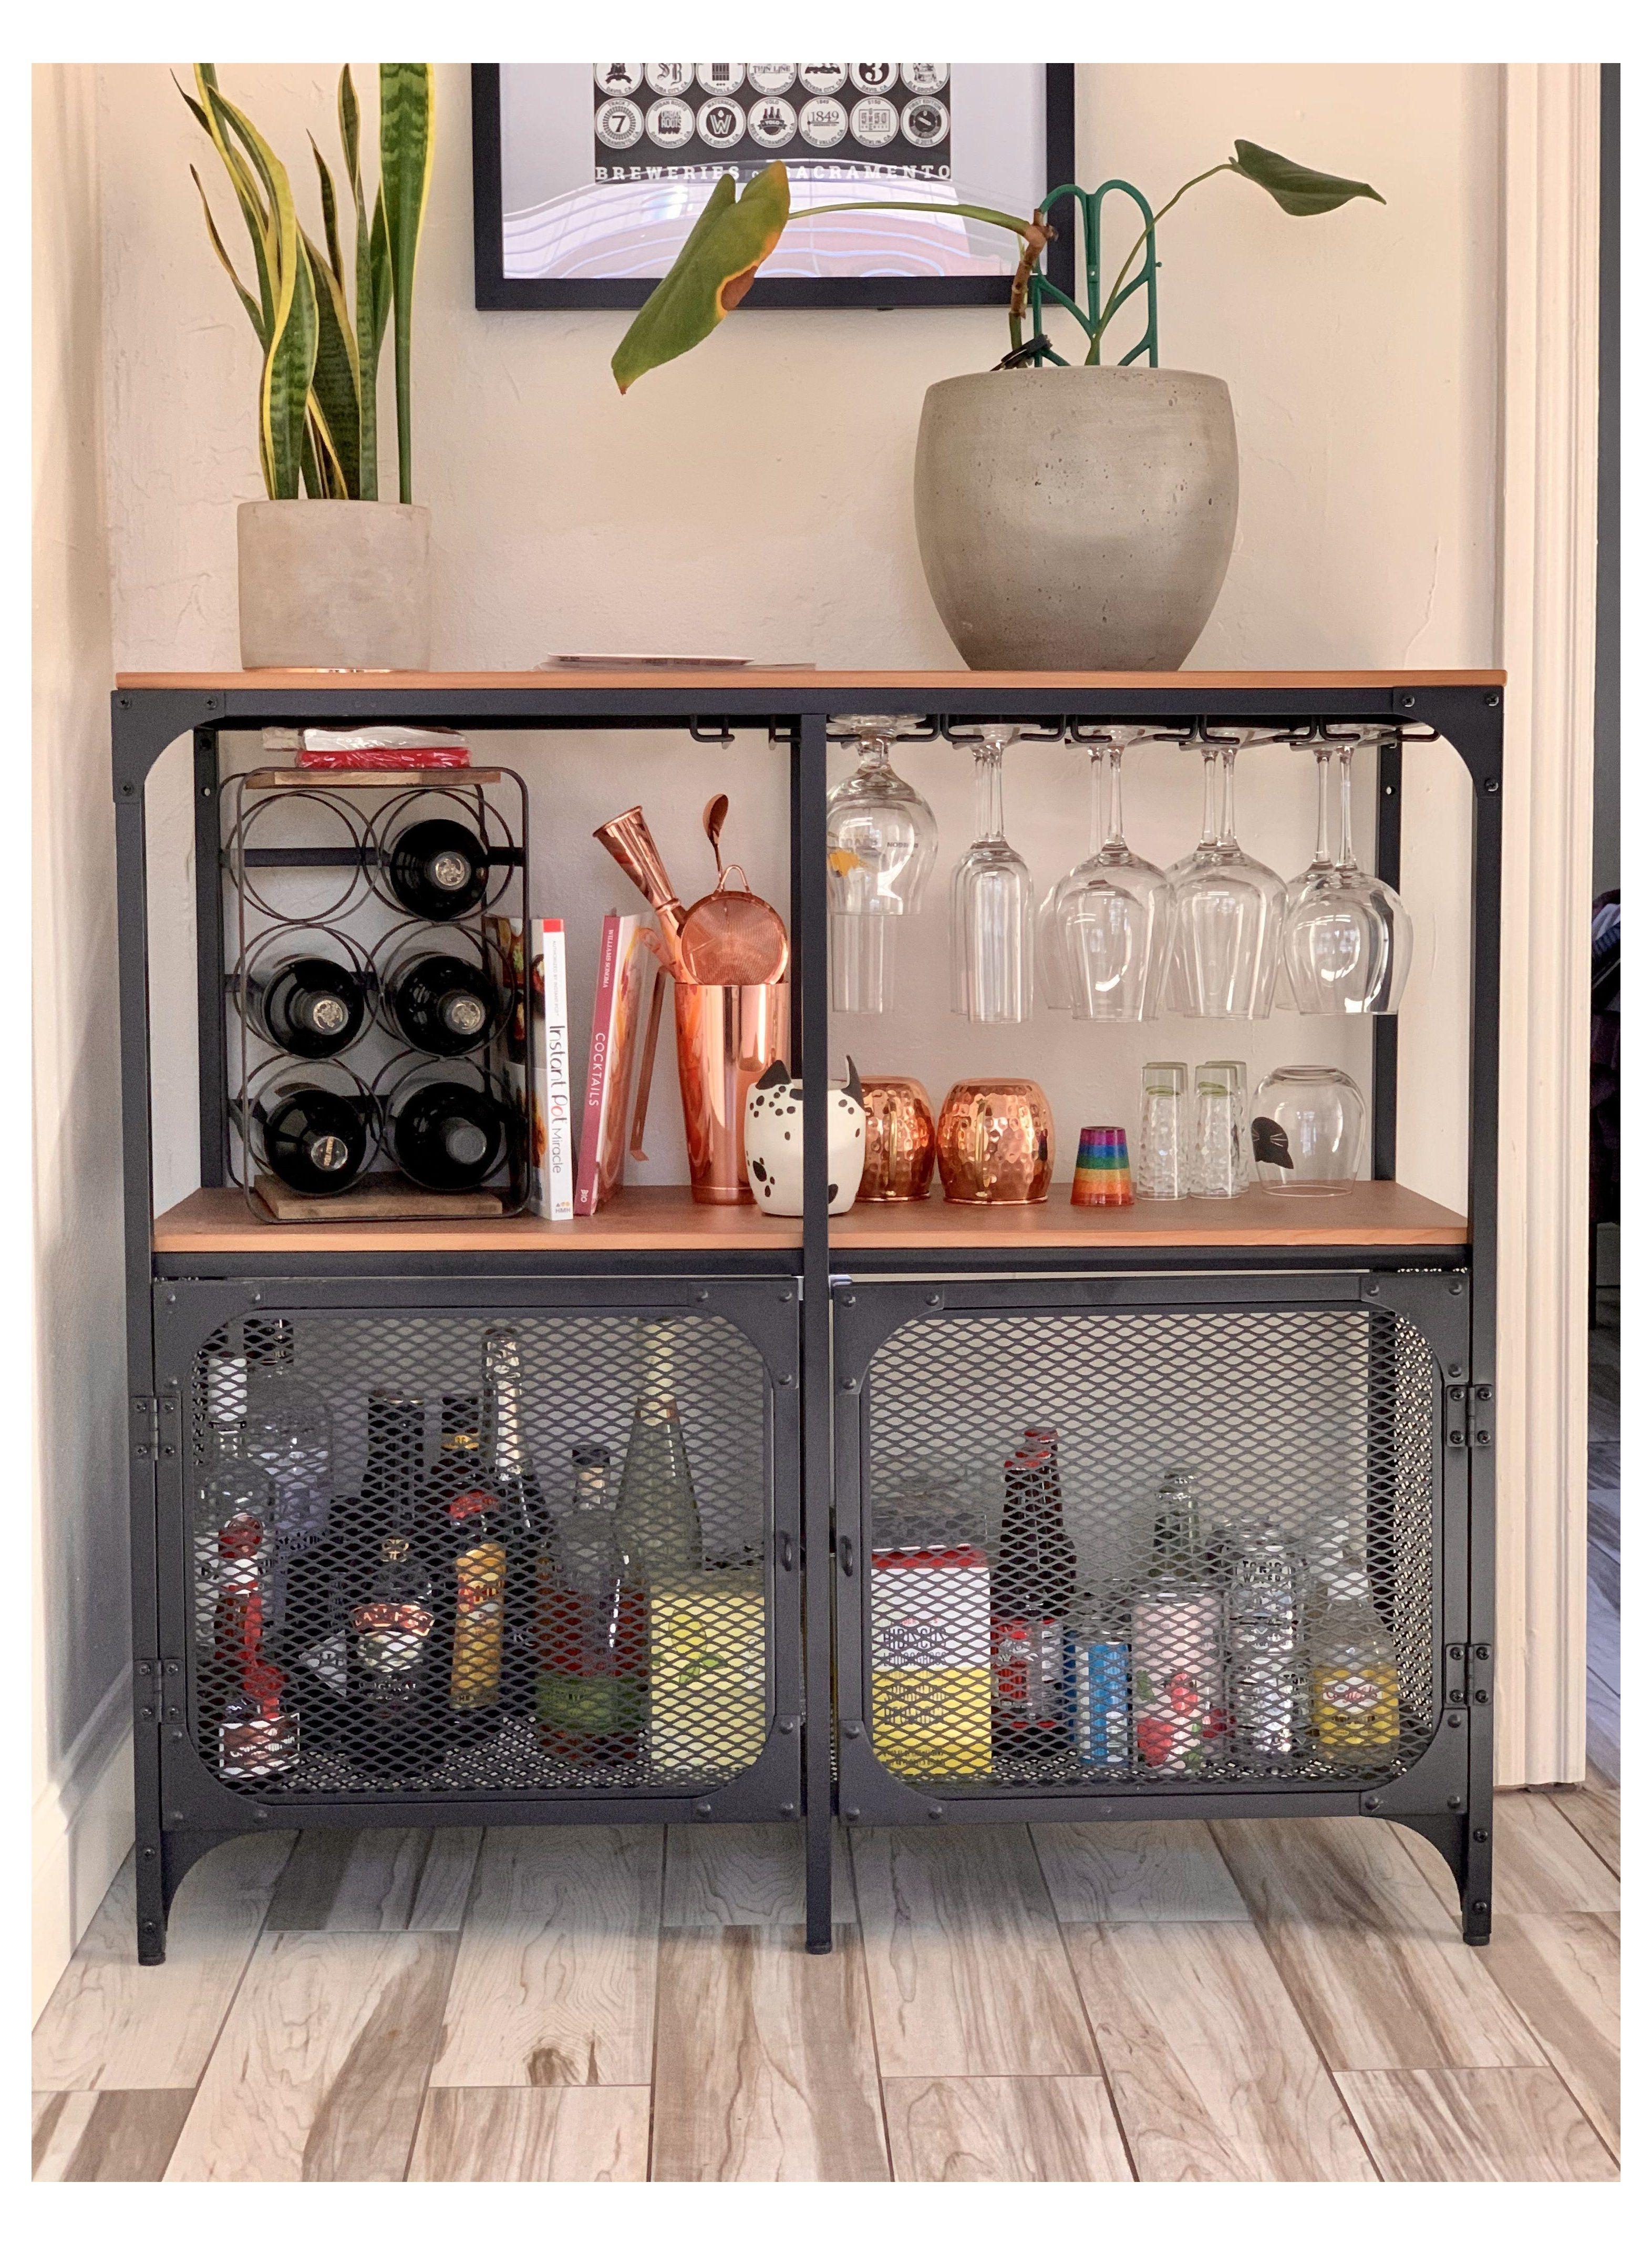 Fjallbo Ikea Desk Hack Fjallboikeadeskhack In 2021 Diy Home Bar Home Bar Decor Living Room And Dining Room Design [ 4272 x 3144 Pixel ]